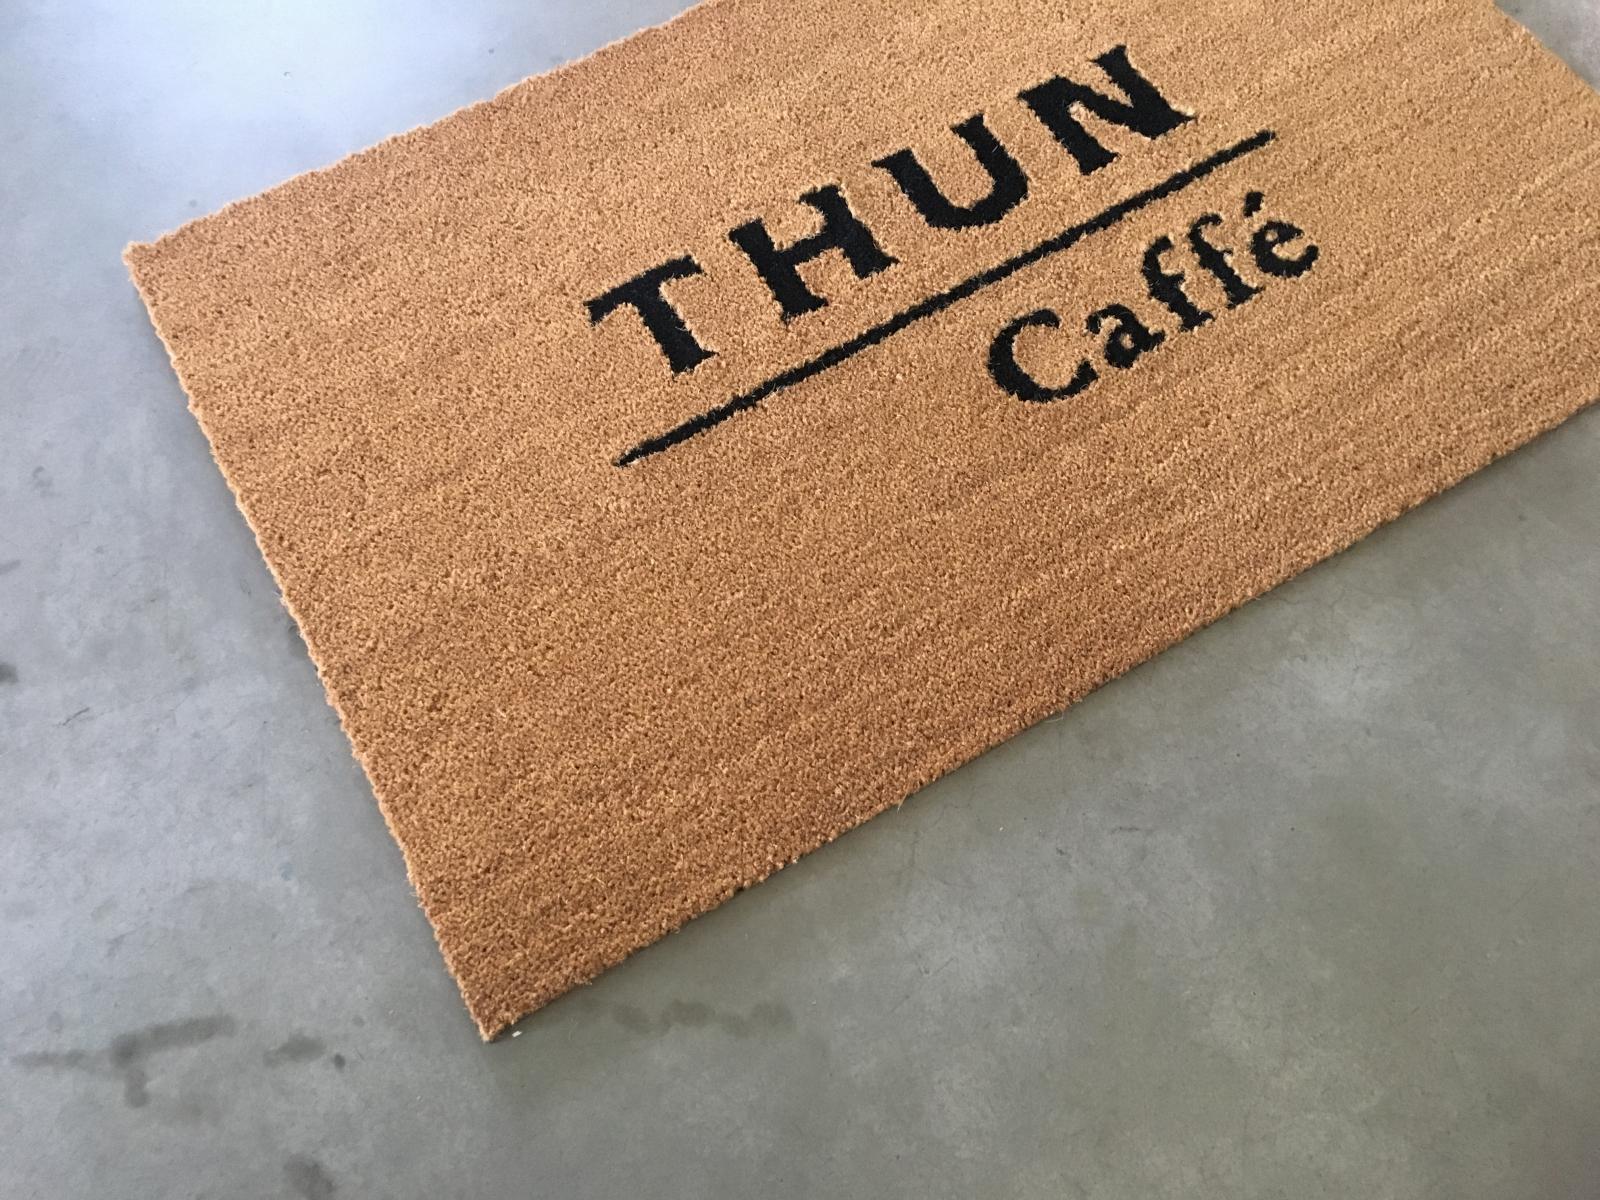 Tappeto personalizzato cocco naturale Venezia Thun